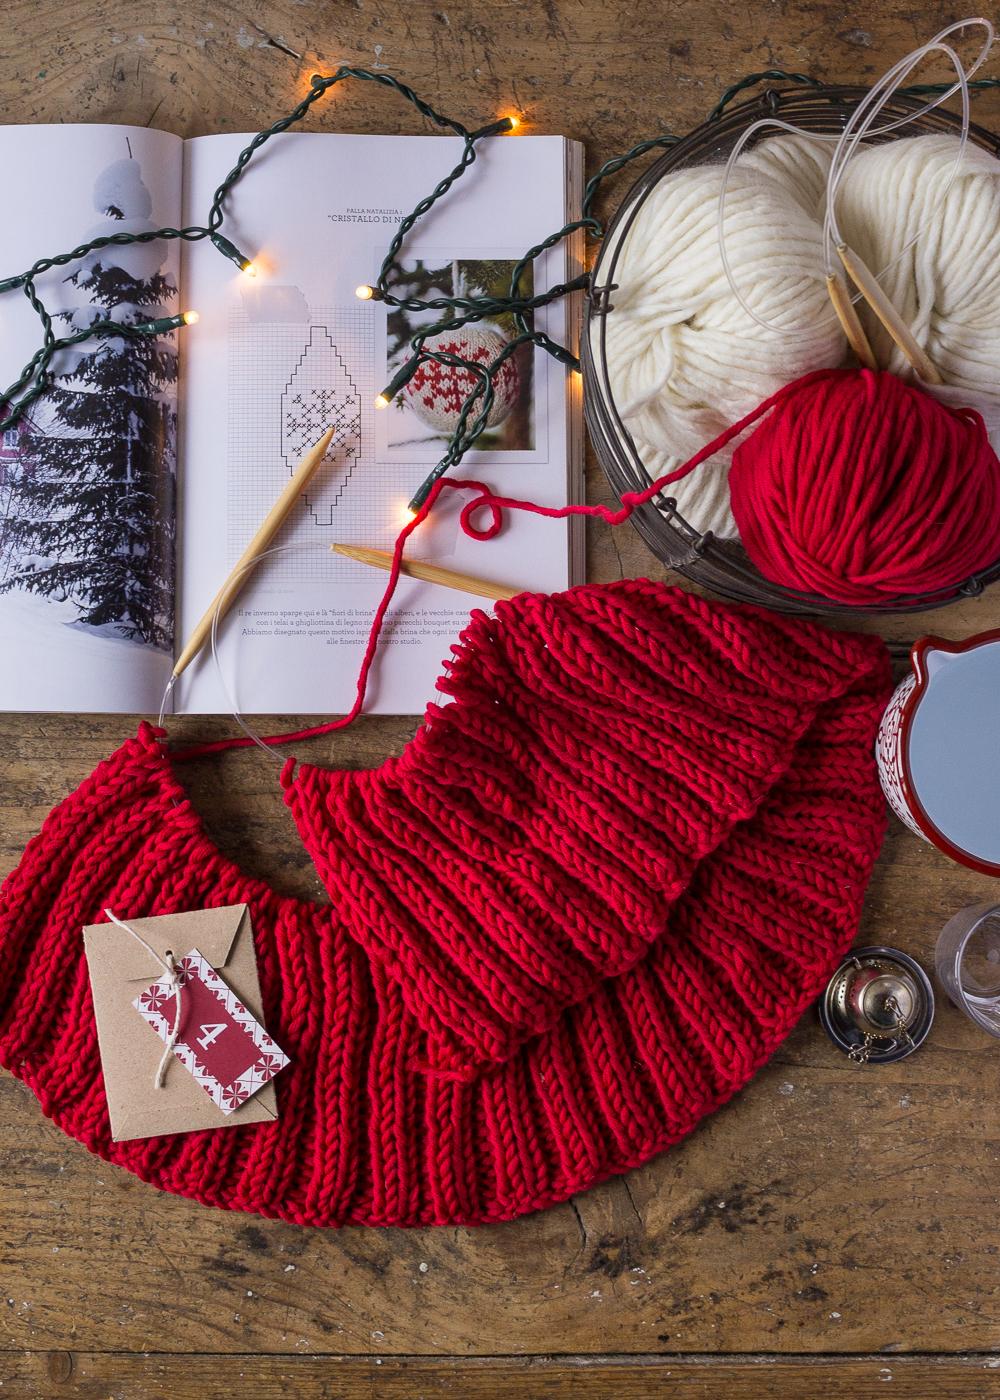 Calendario dell'Avvento - Lavorare a maglia - Un Natale di tradizioni - Lily&SageDesign